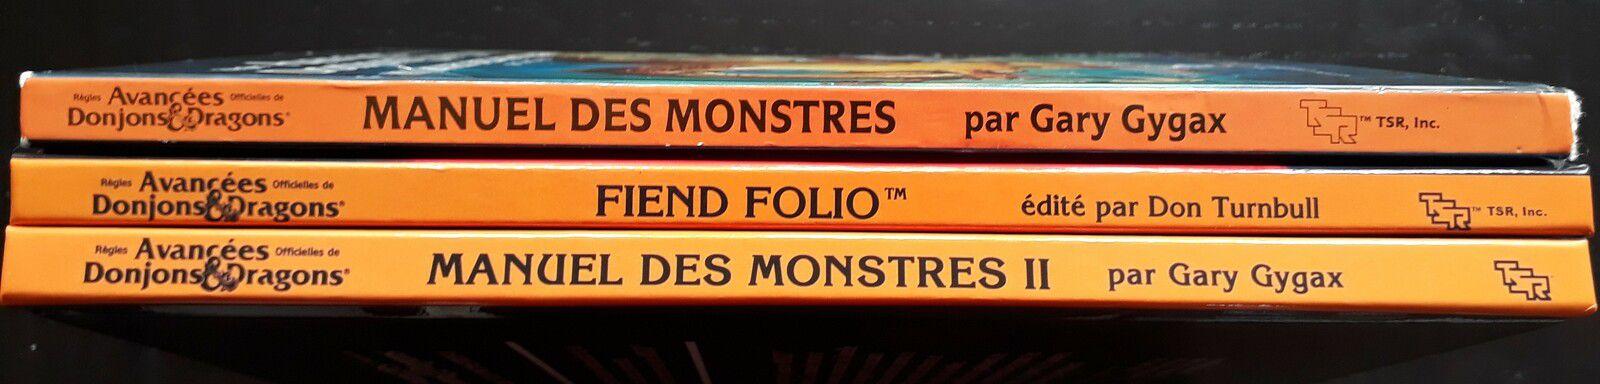 Les 3 manuels des monstres pour AD&D première édition, tous en français et TOUS en version couverture à dos orange !!!